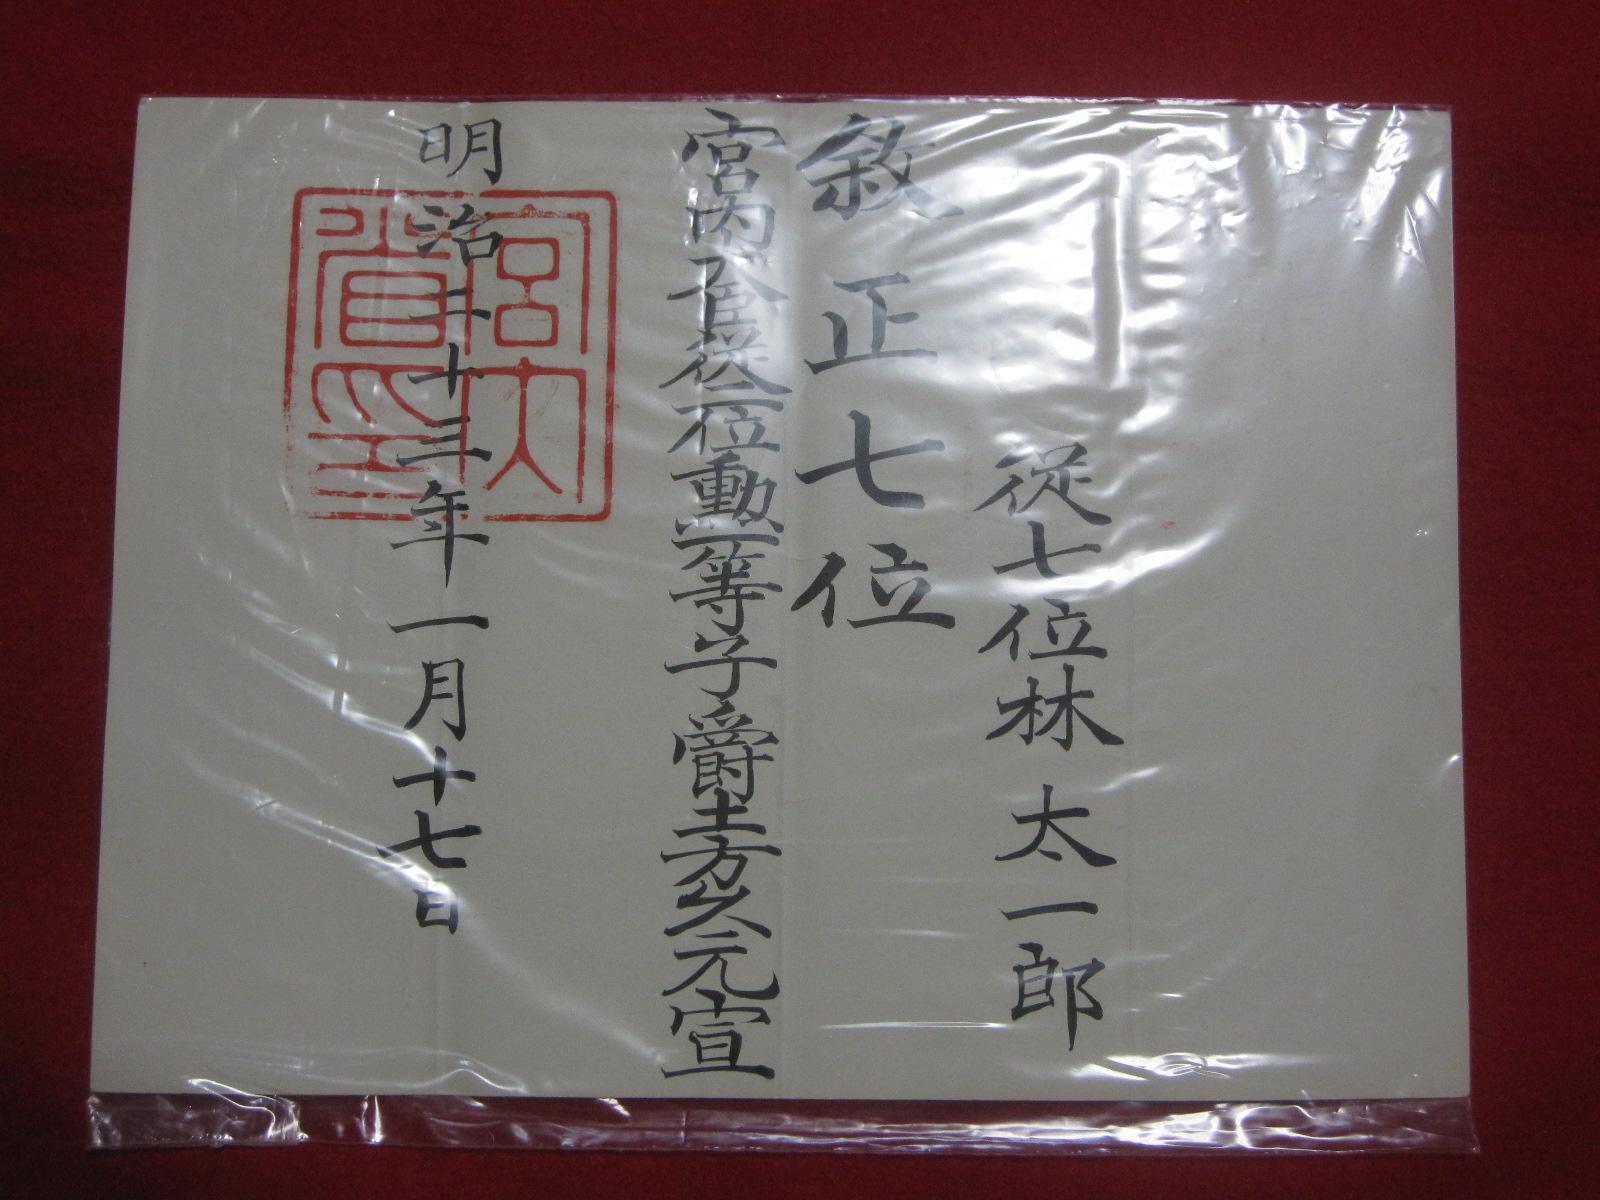 kunsyou-0003